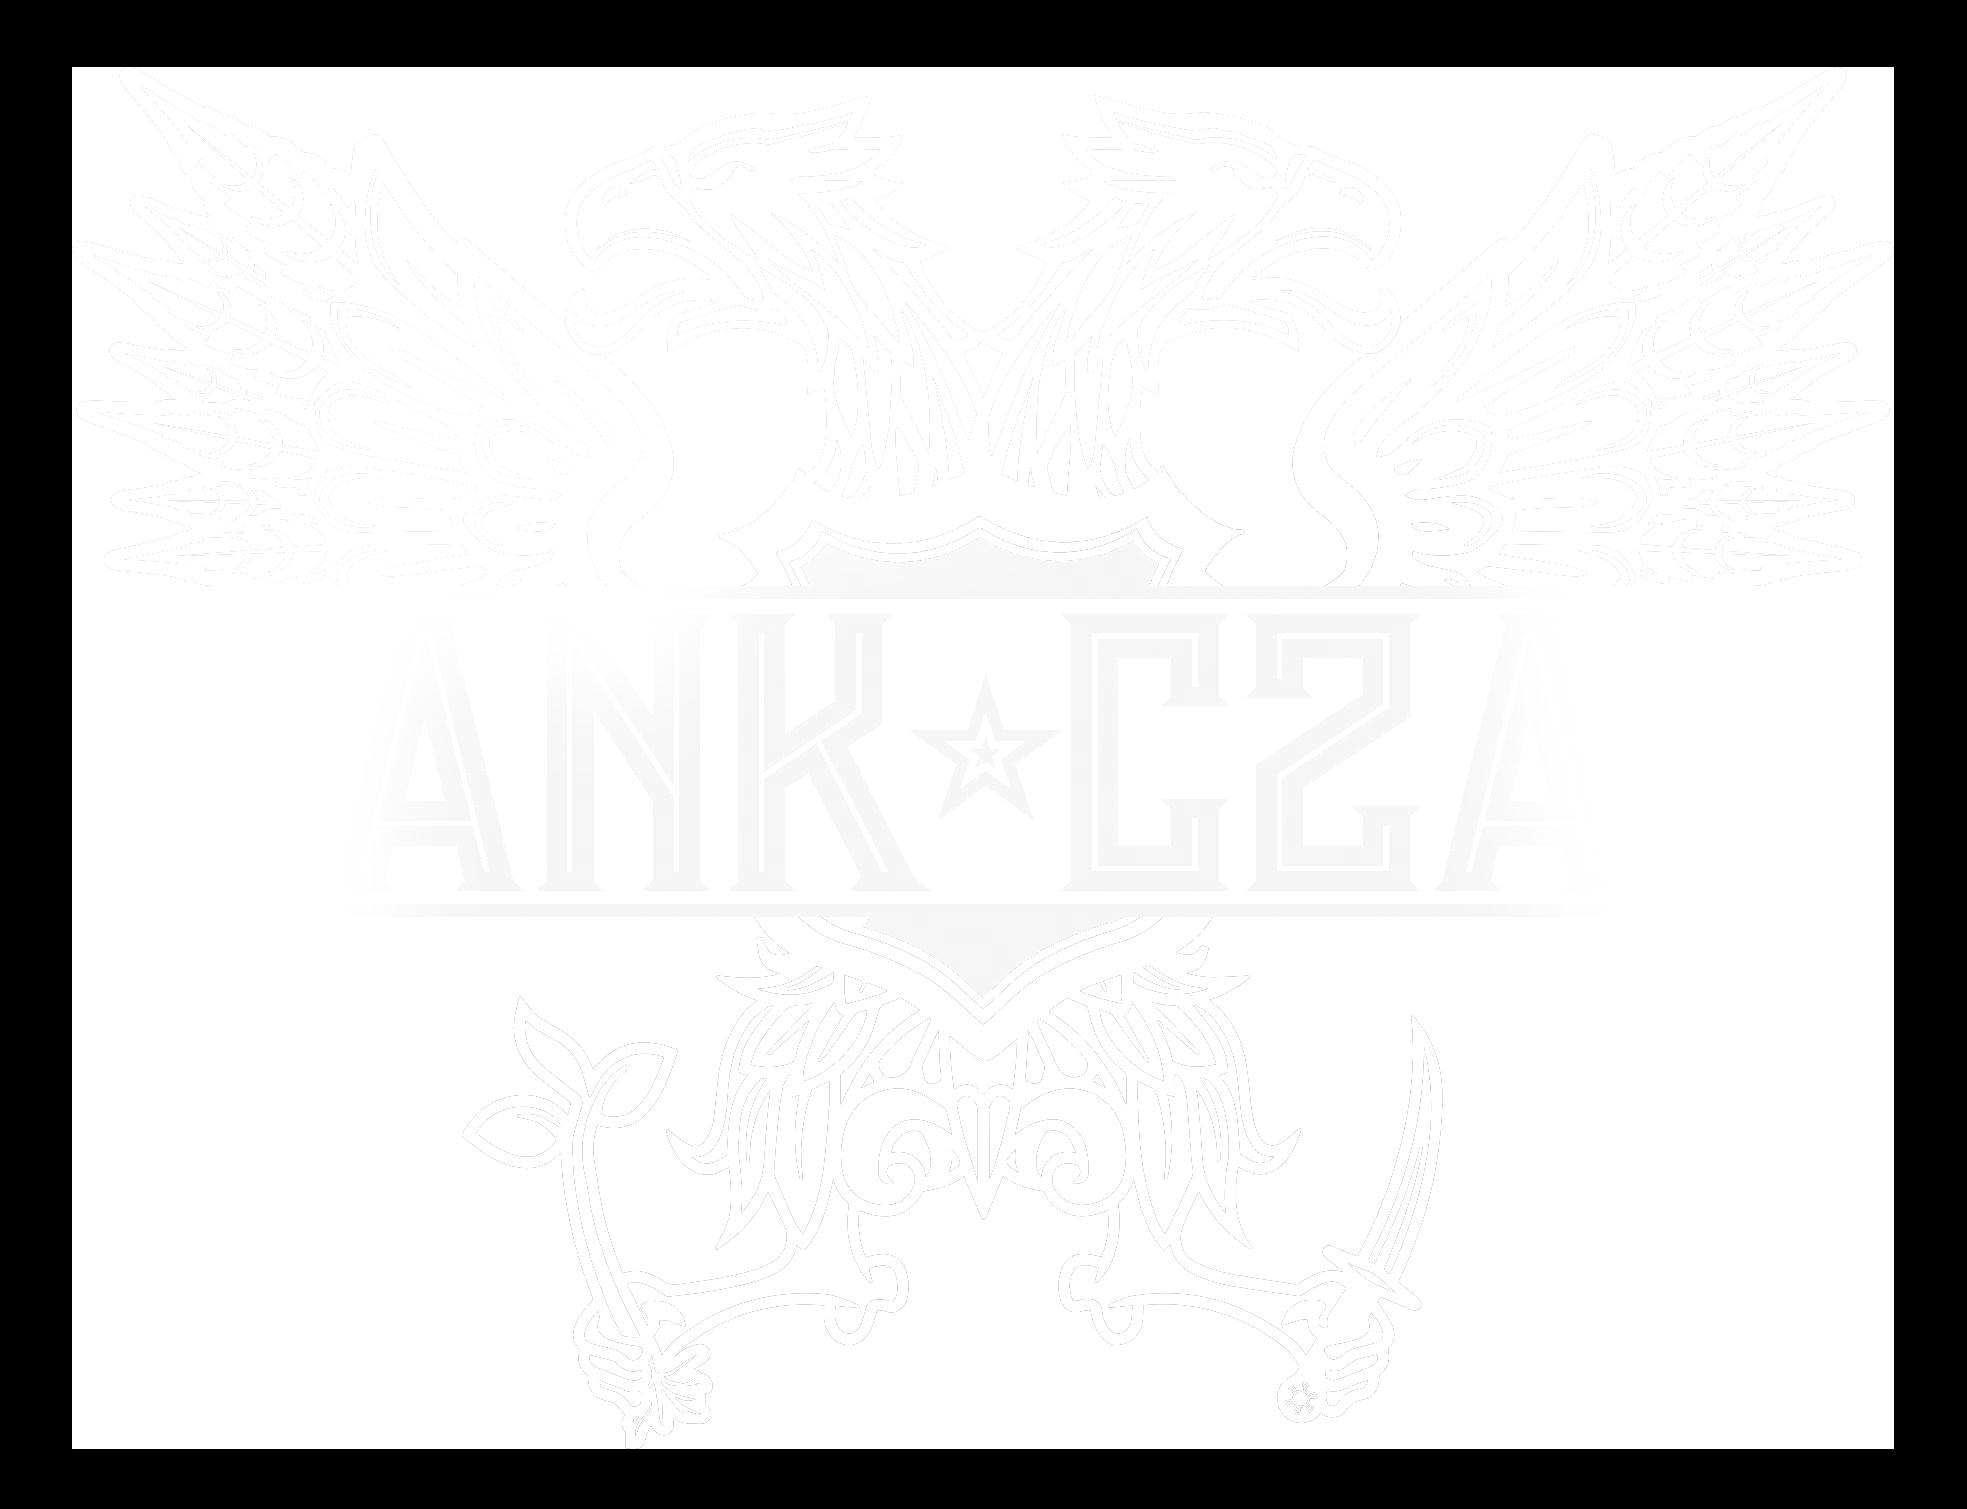 Dank Czar